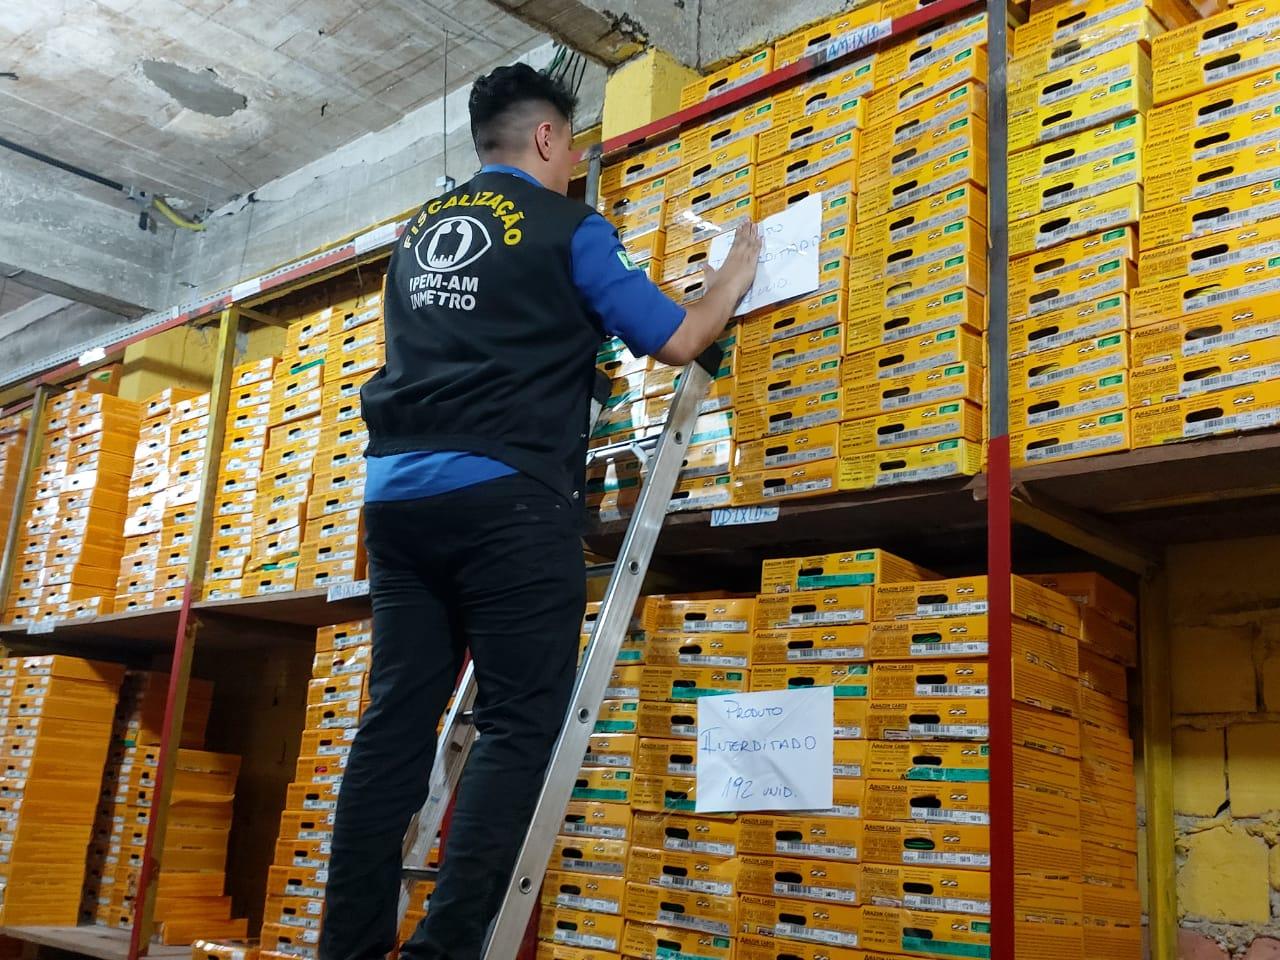 Fiscalização do Ipem encontra irregularidades em lojas e indústrias de fios e cabos elétricos, em Manaus